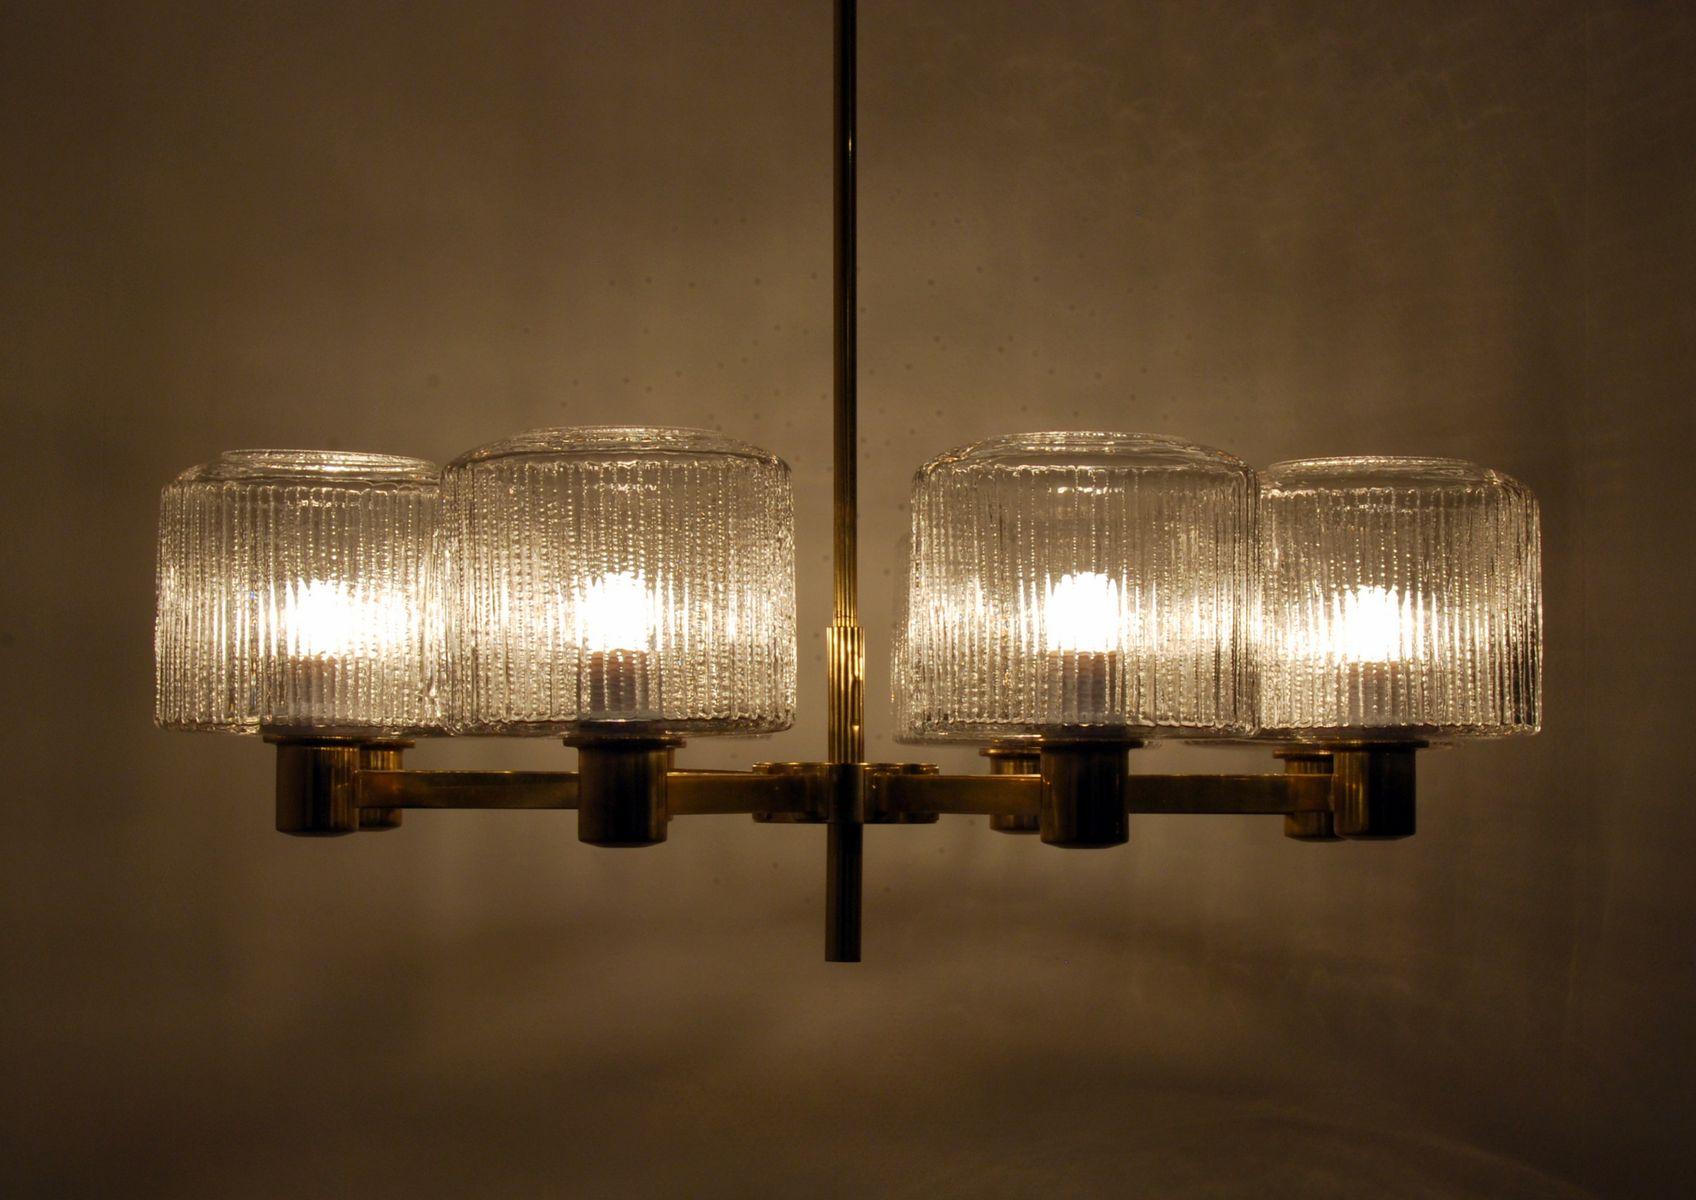 gro er skandinavischer vintage kronleuchter aus messing bei pamono kaufen. Black Bedroom Furniture Sets. Home Design Ideas